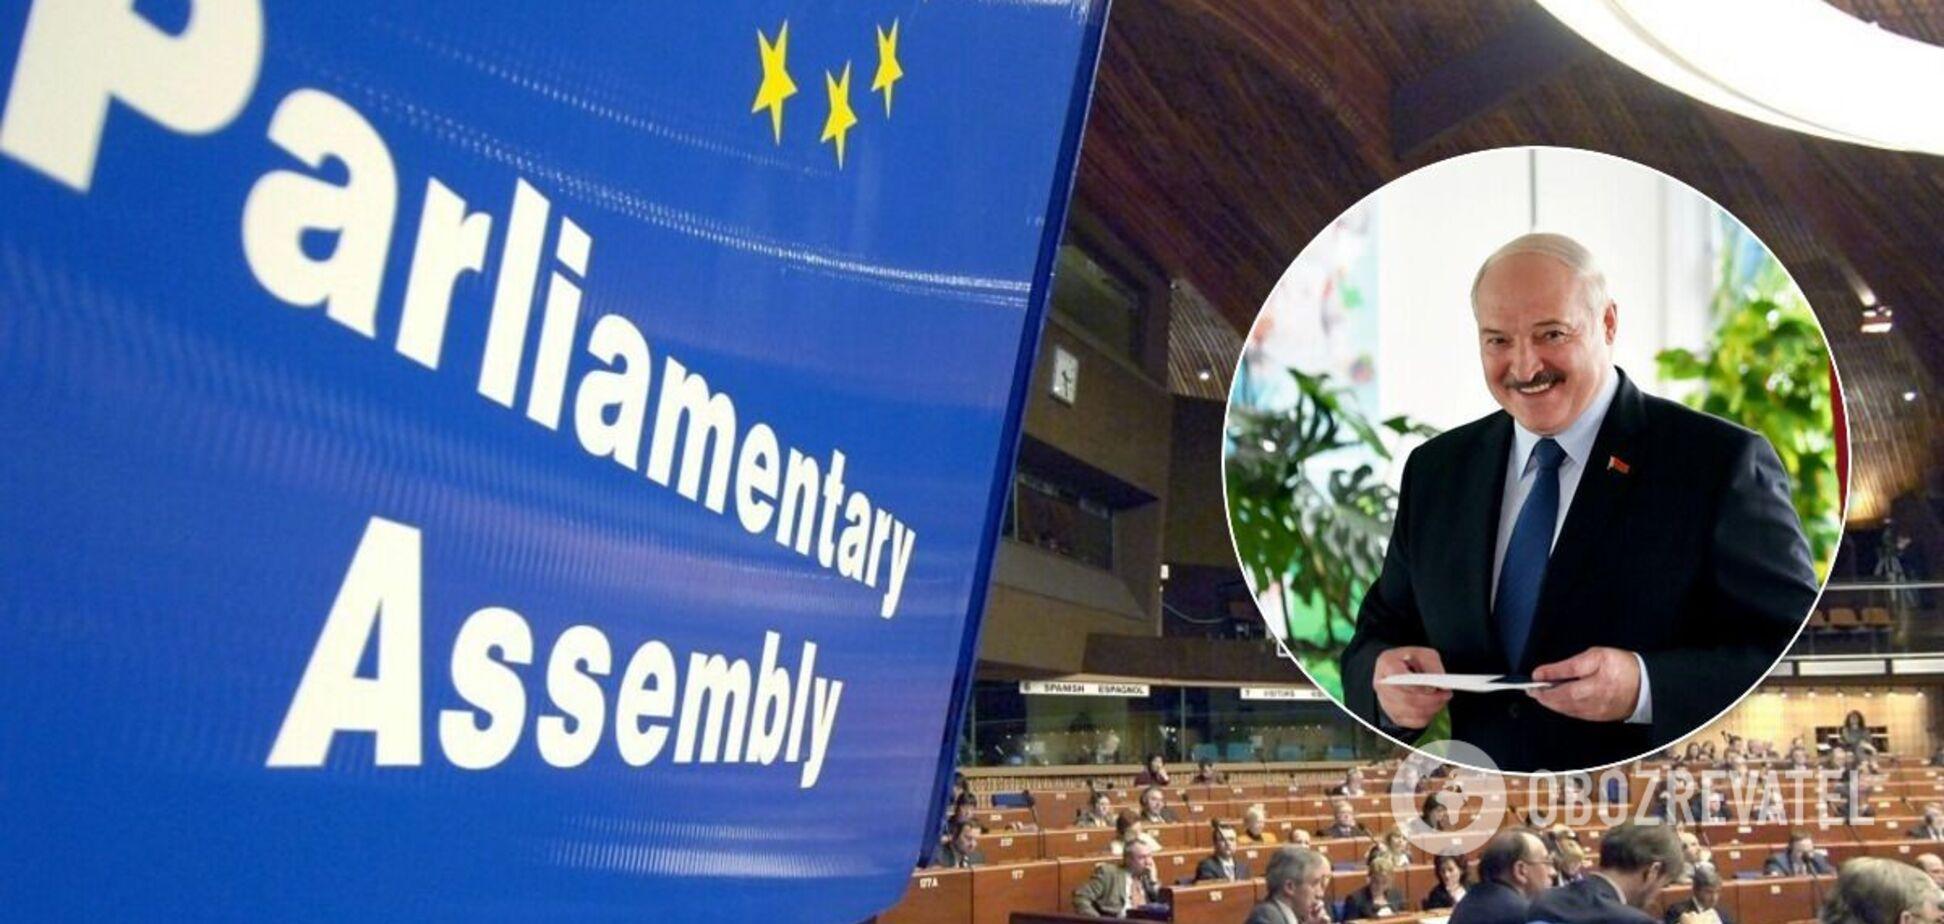 Україна в ПАРЄ ініціювала декларацію щодо Білорусі: список вимог до Лукашенка та Зеленського